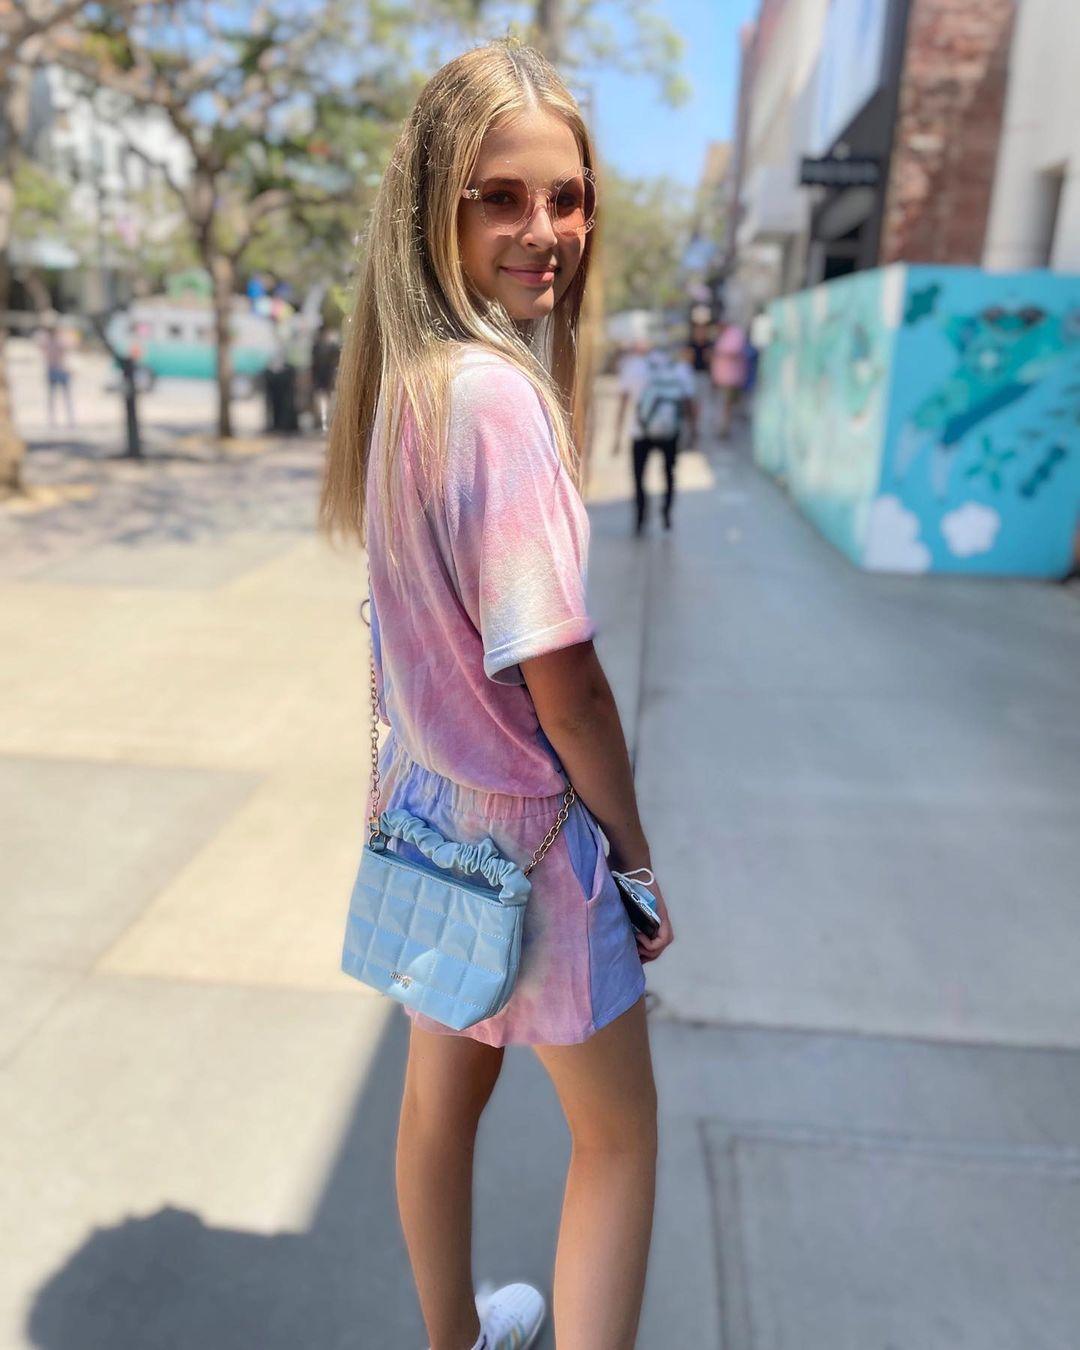 Lexia-Hayden-Wallpapers-Insta-Fit-Bio-14